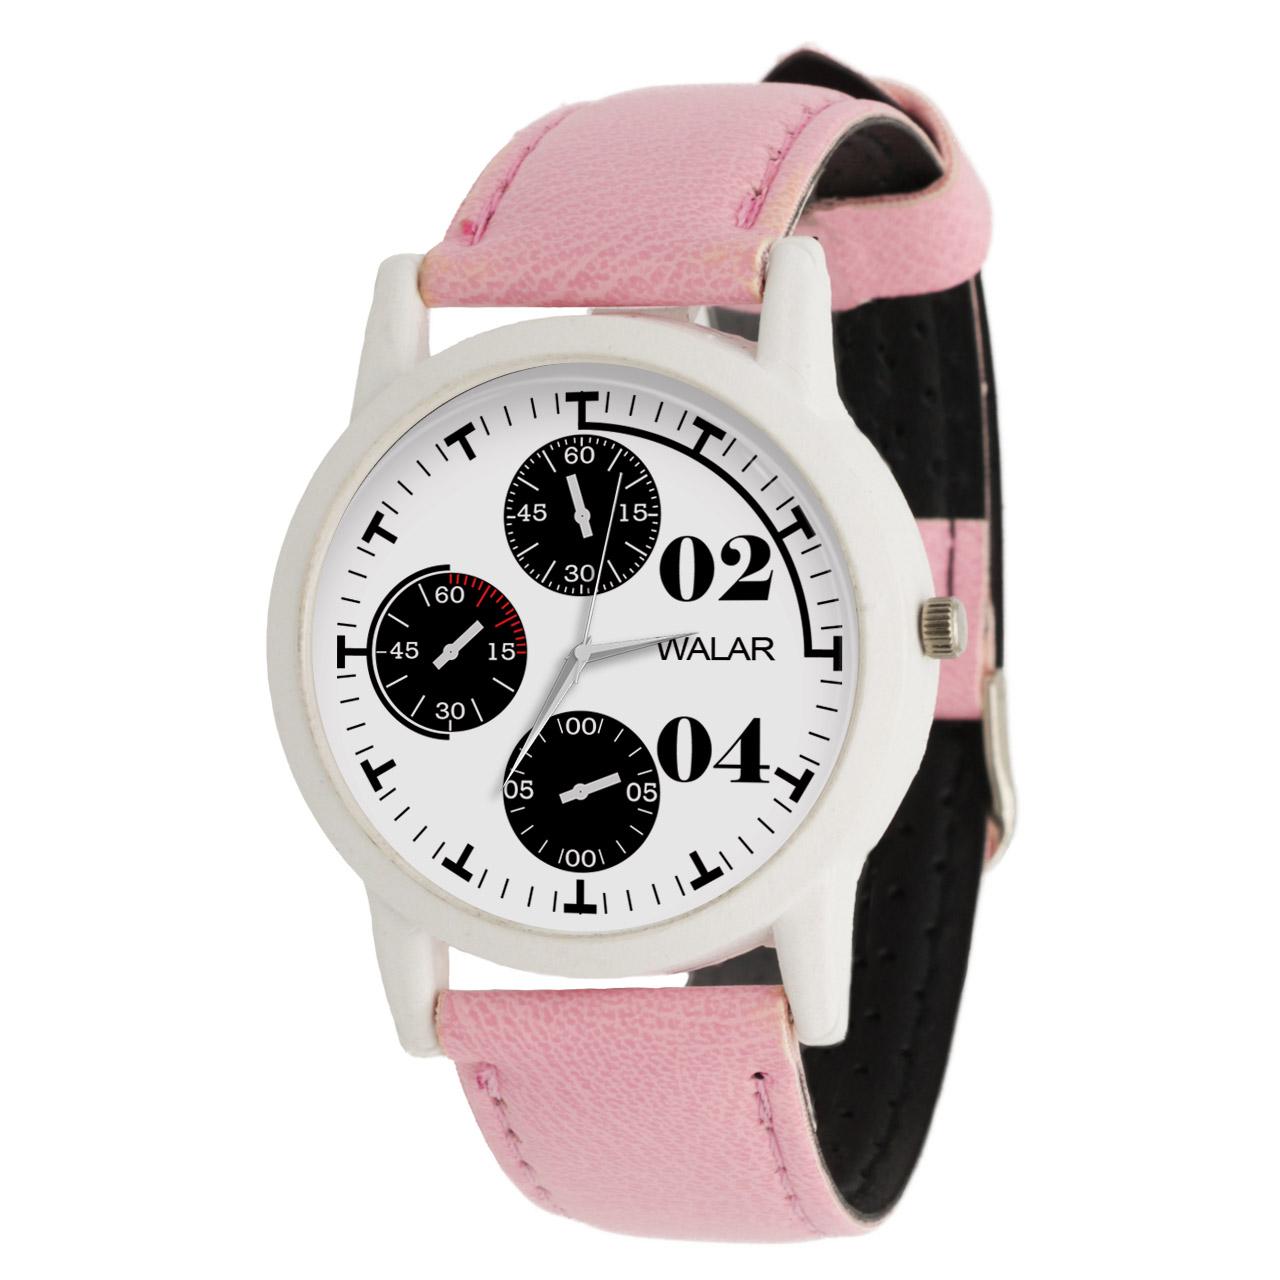 ساعت مچی عقربه ای زنانه والار کد LF1790              خرید (⭐️⭐️⭐️)